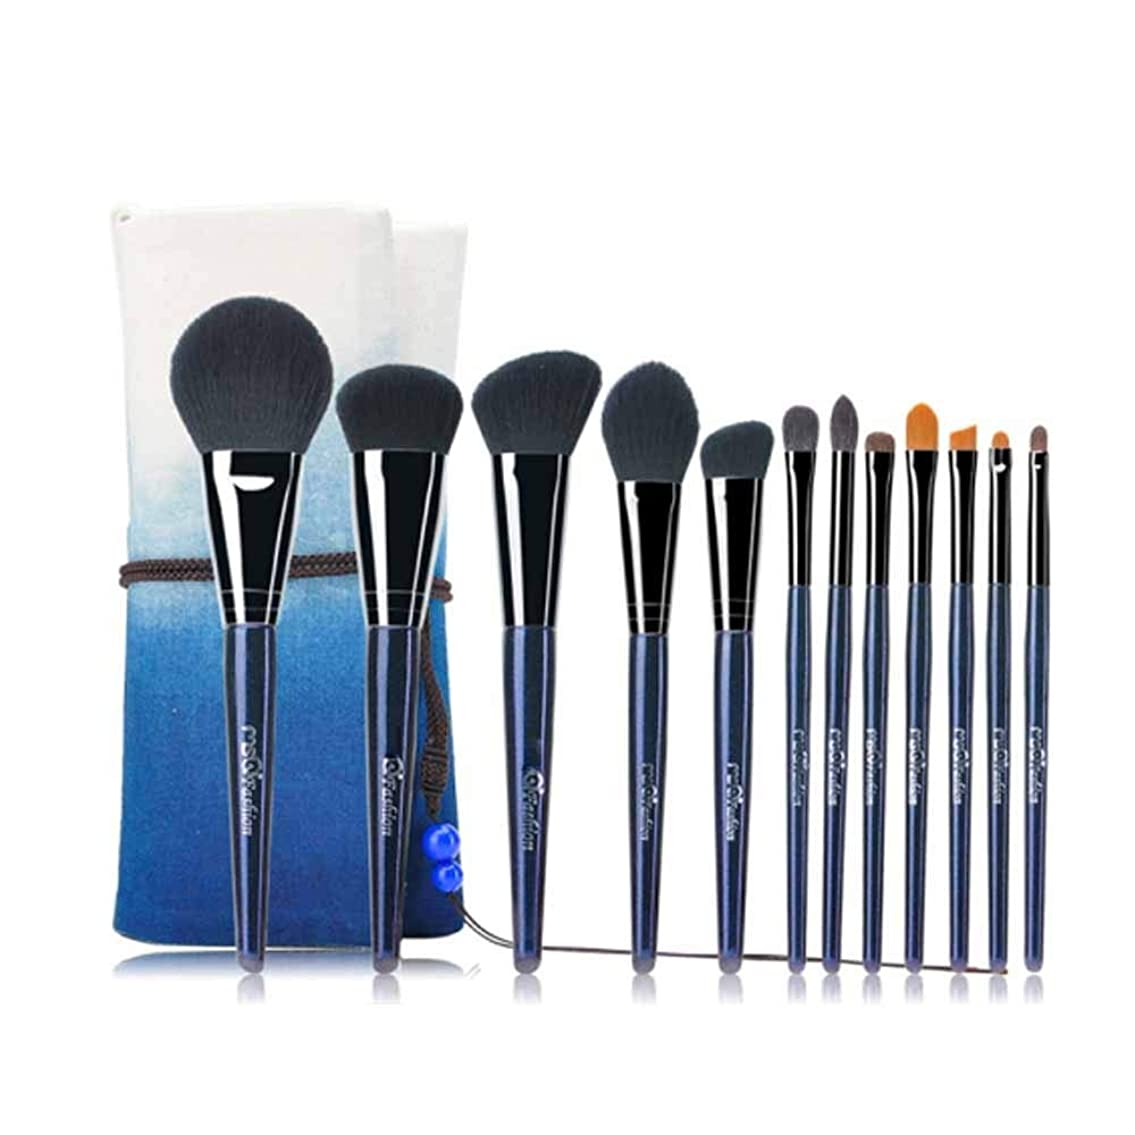 手順神話冗談でAishanghuayi001 化粧ブラシ、12個の化粧ブラシセット、化粧ブラシのフルセット、収納袋付き、初心者用化粧ブラシセット,ナチュラルメイク (Color : Blue)